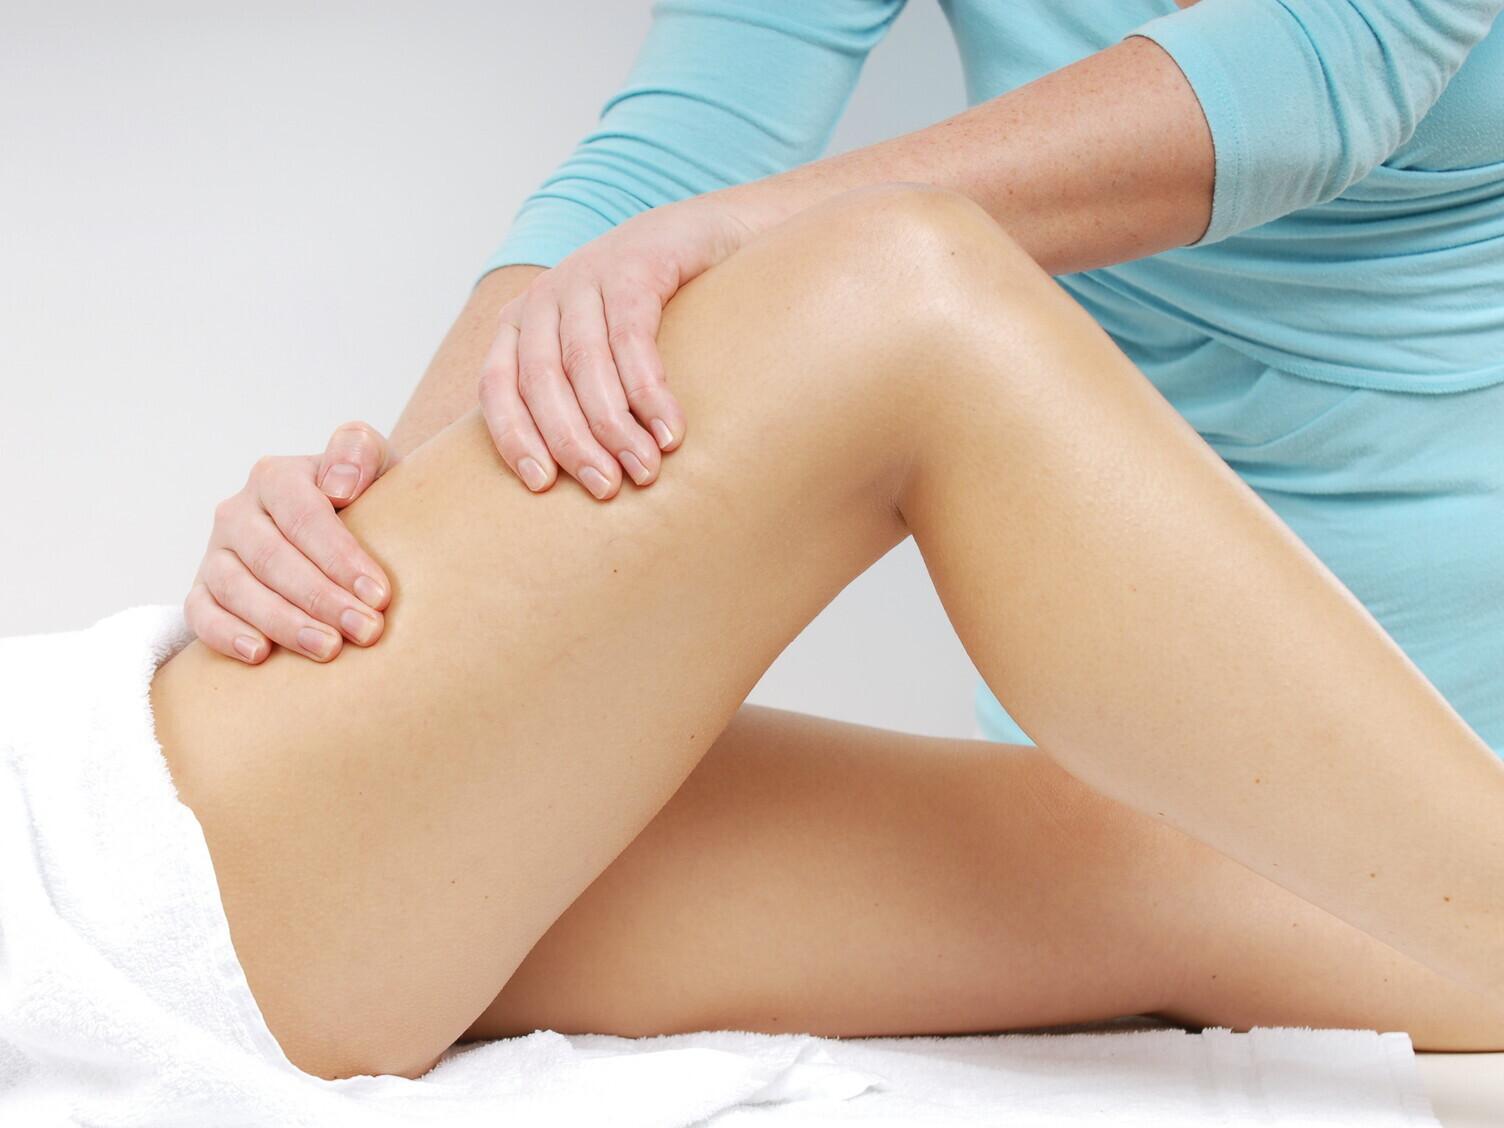 Kojų korekcinis - anticeliulitinis masažas medumi